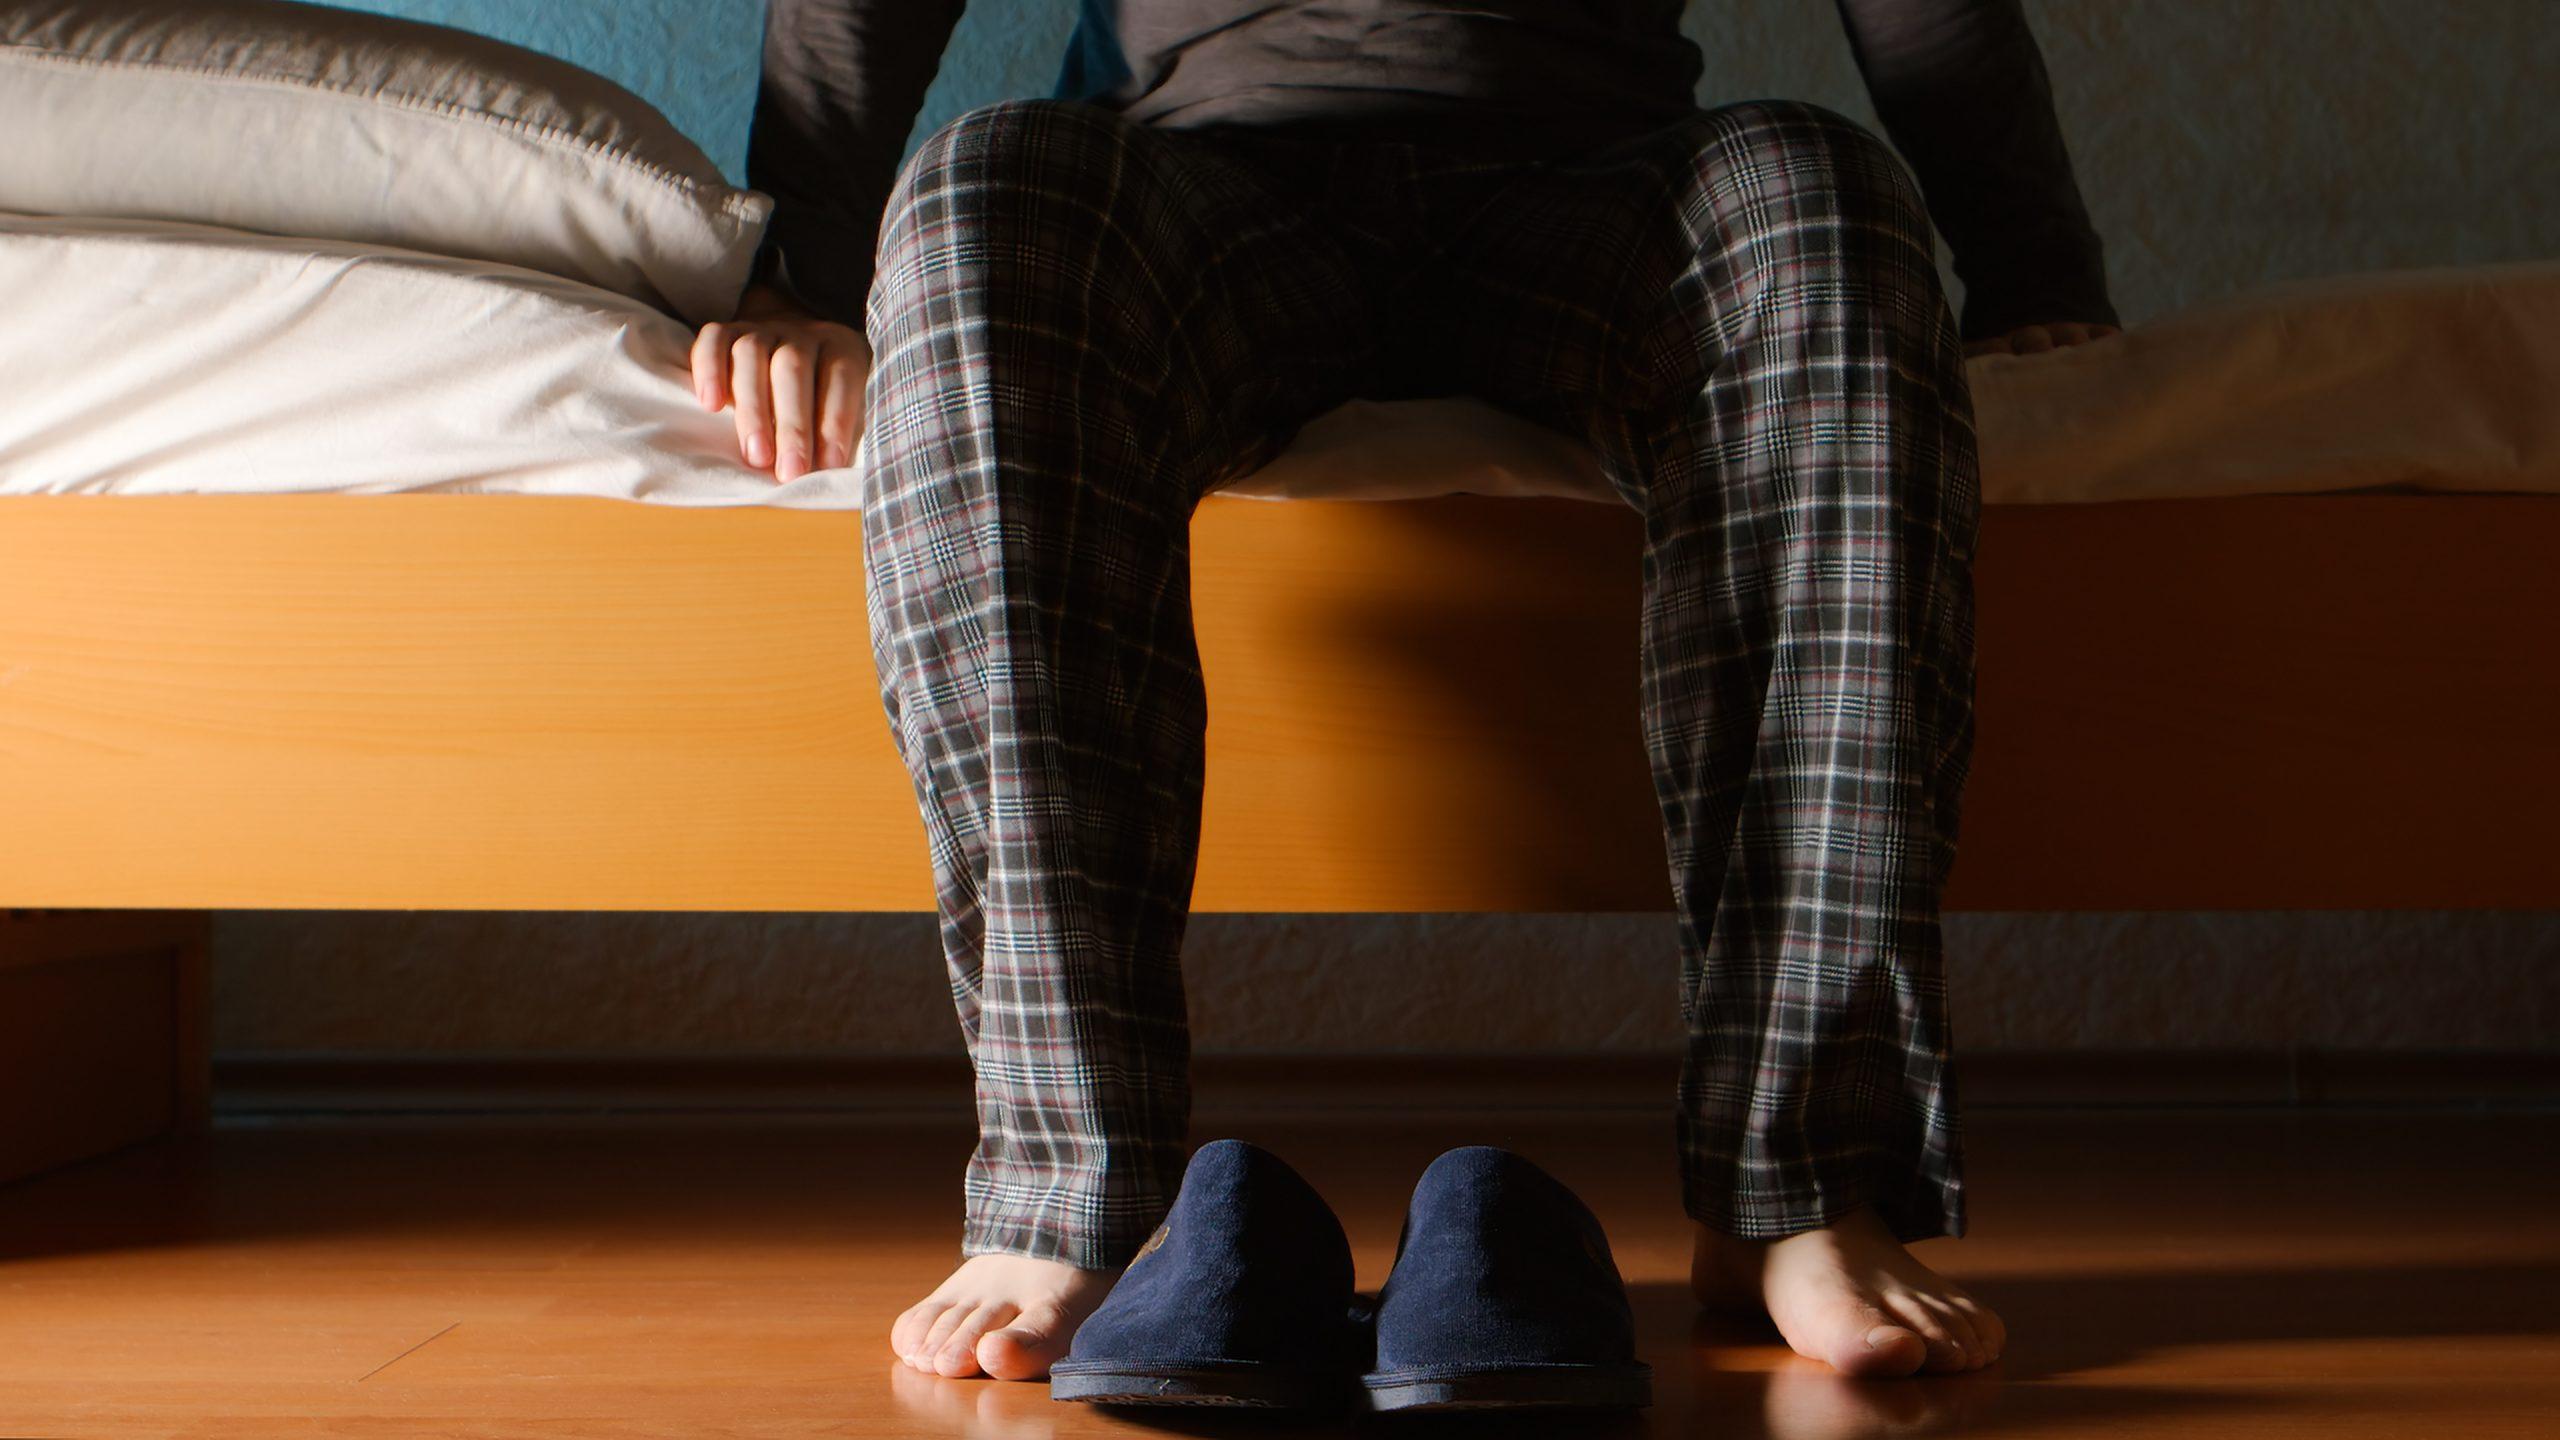 zväčšená prostata- príznaky